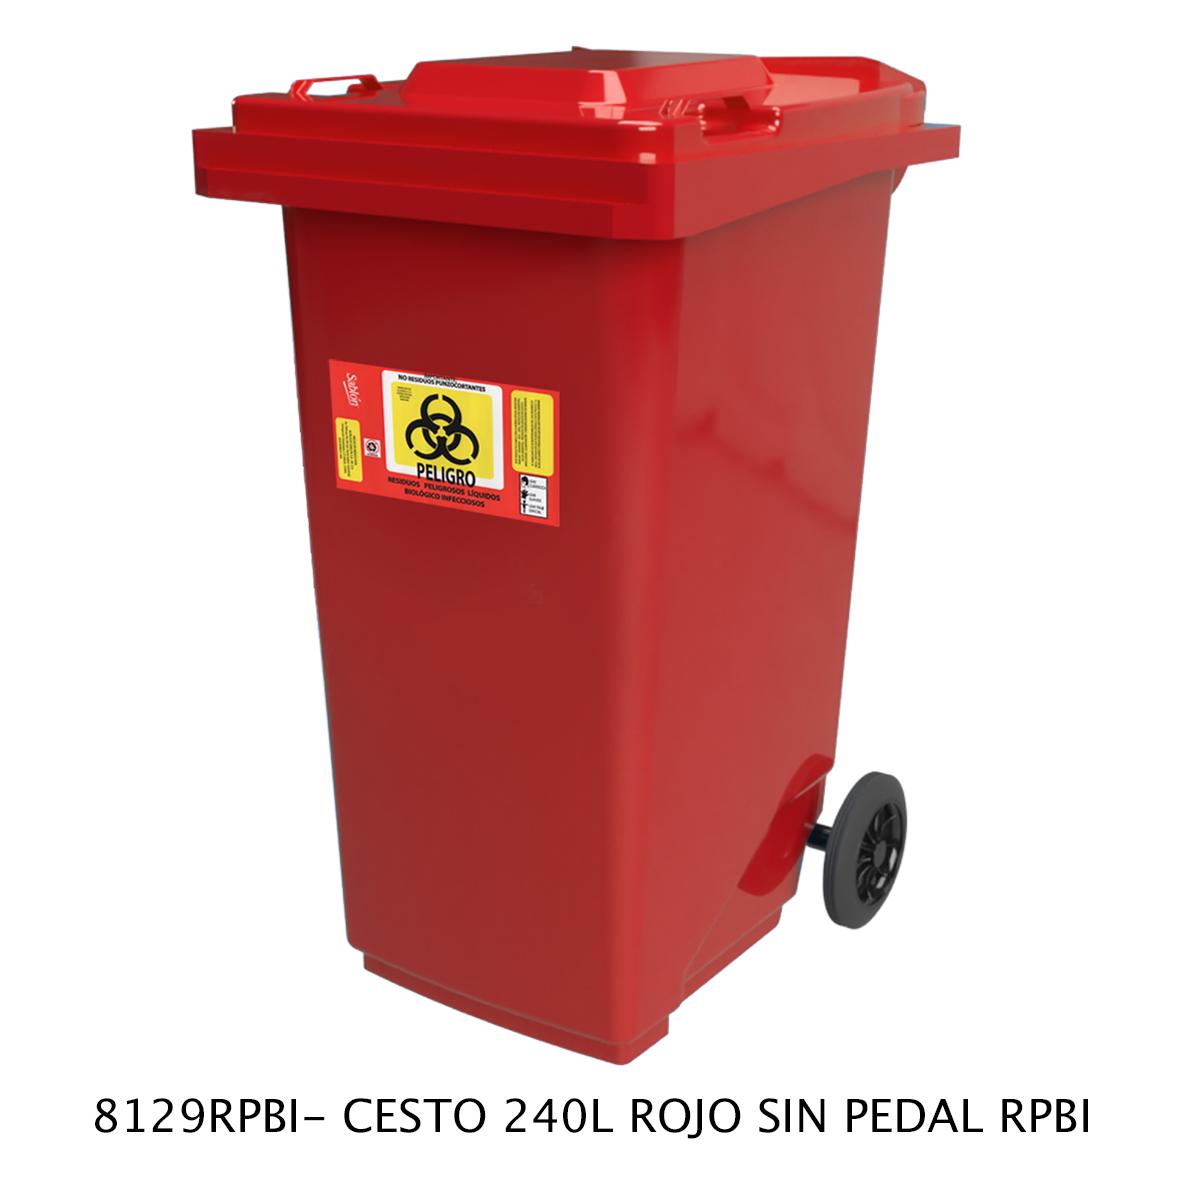 Bote de basura de 240 litros sin pedal modelo 8129RPBI de Sablón